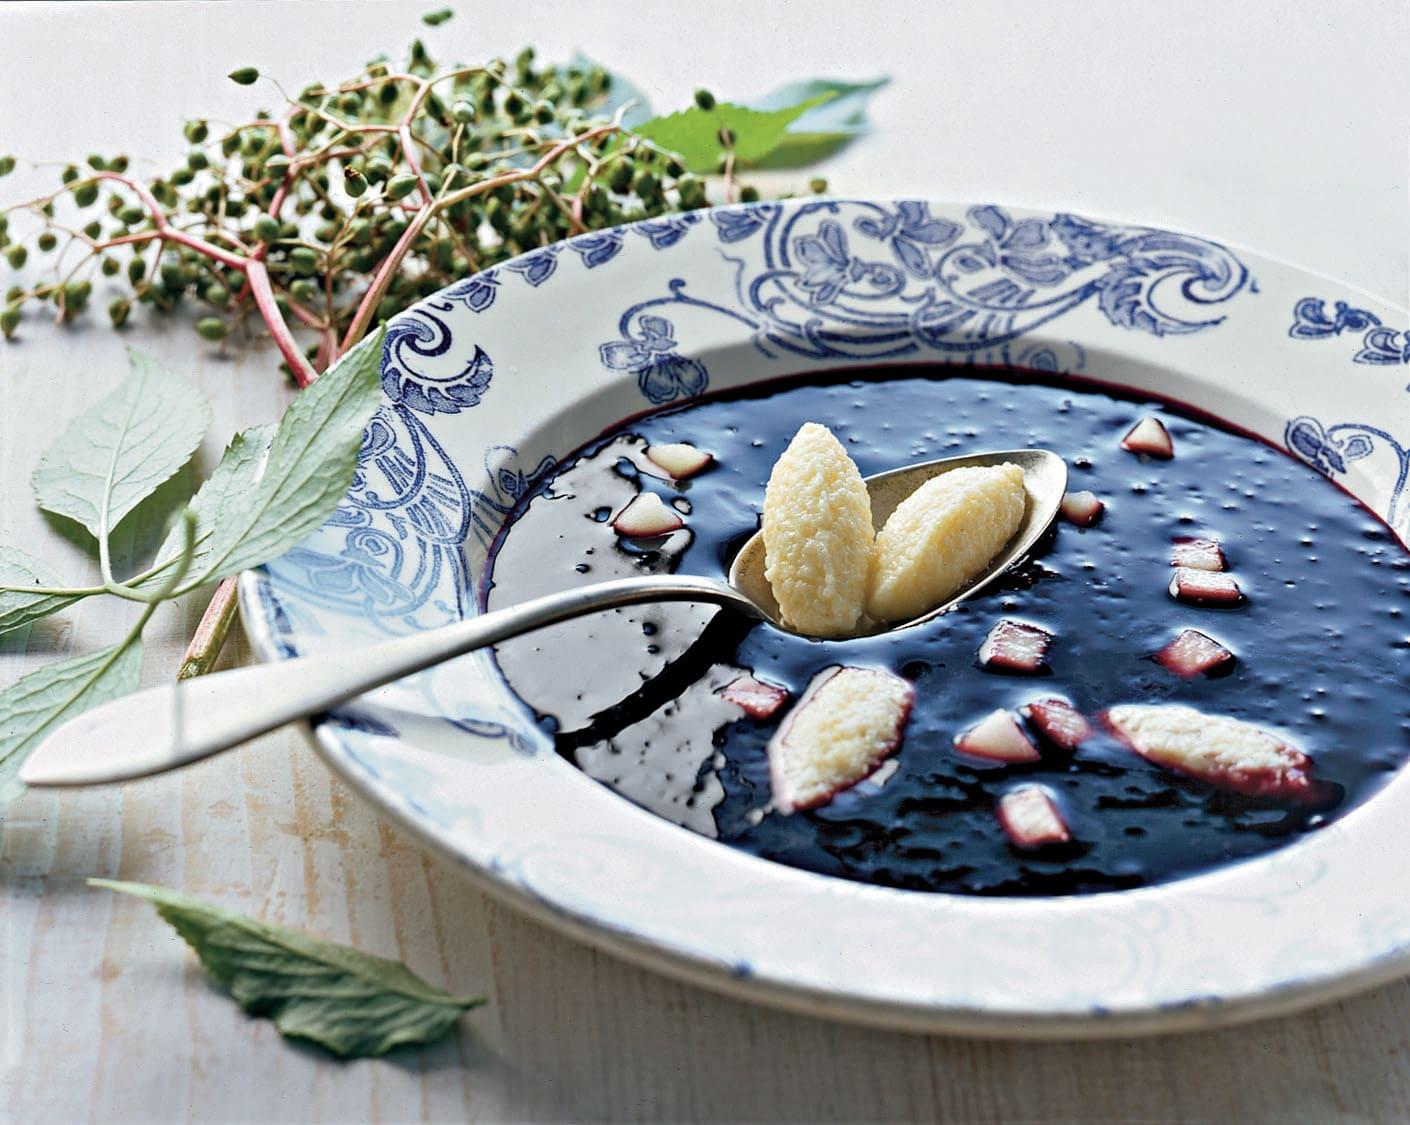 Fliederbeersuppe mit Brandteigklösschen